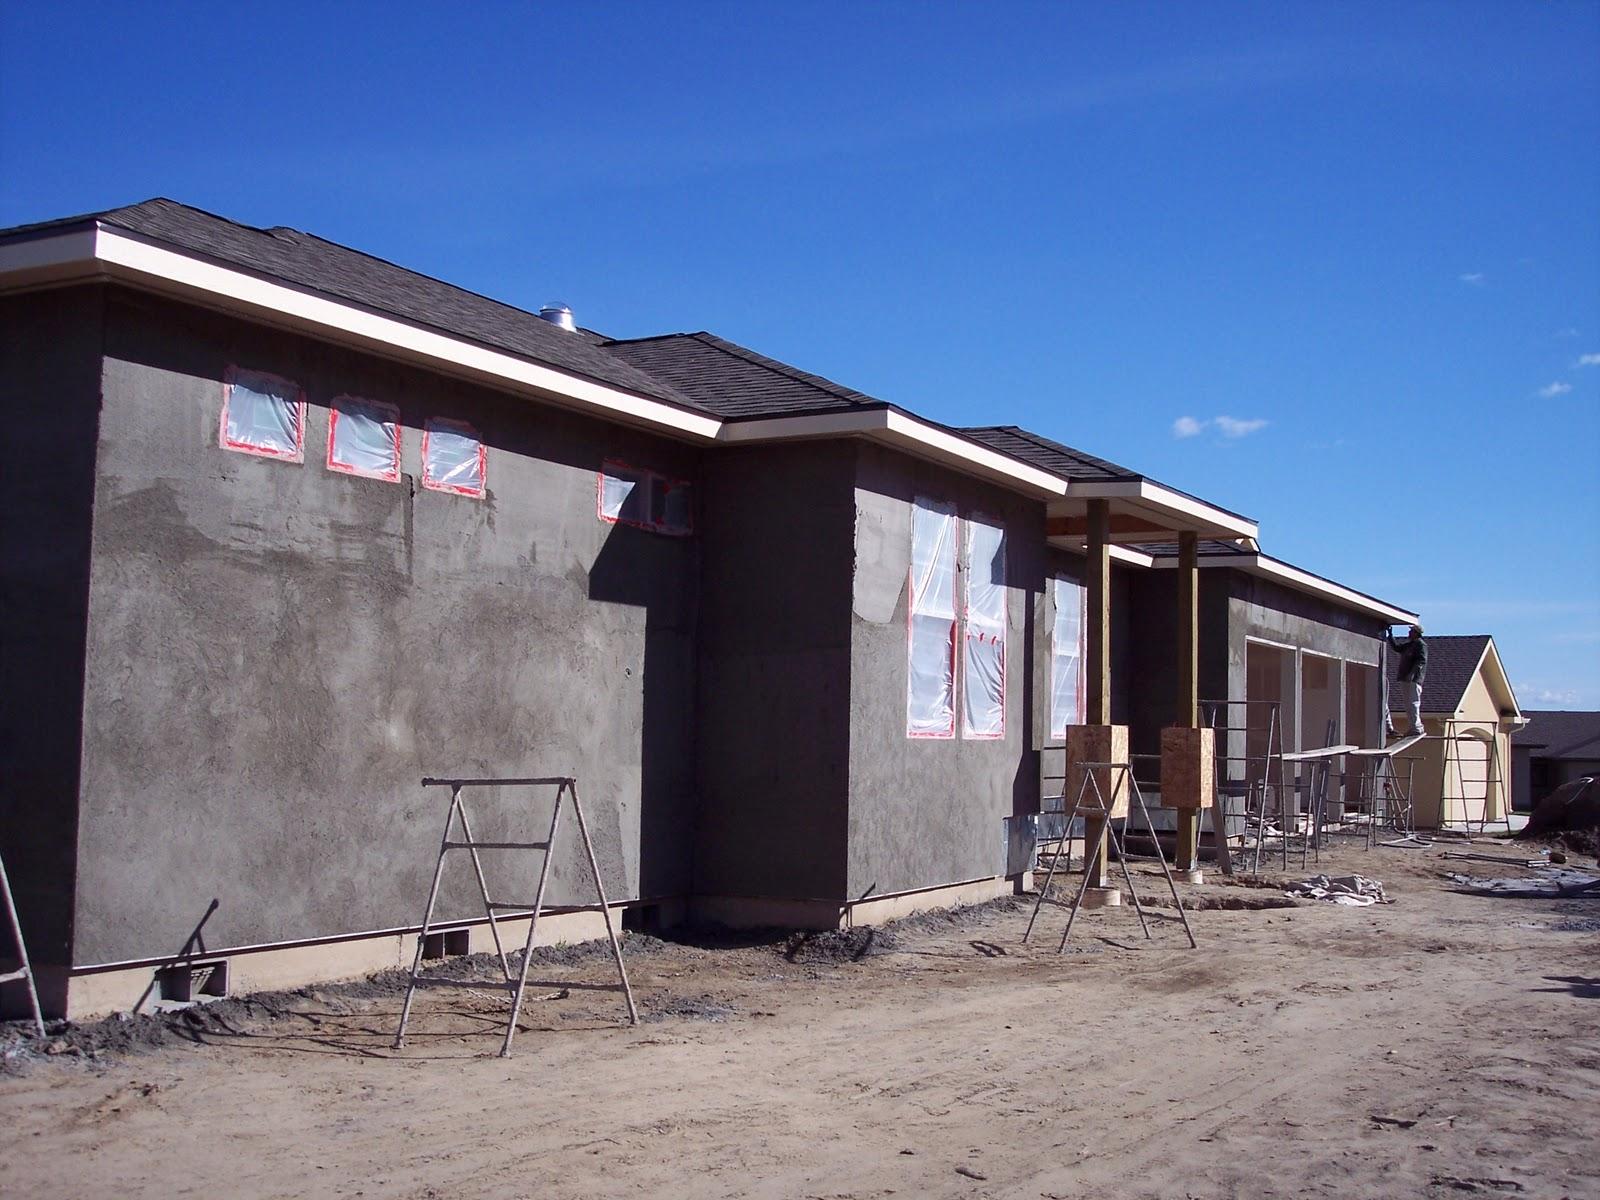 Building A Home Stucco Process 10 15 2010